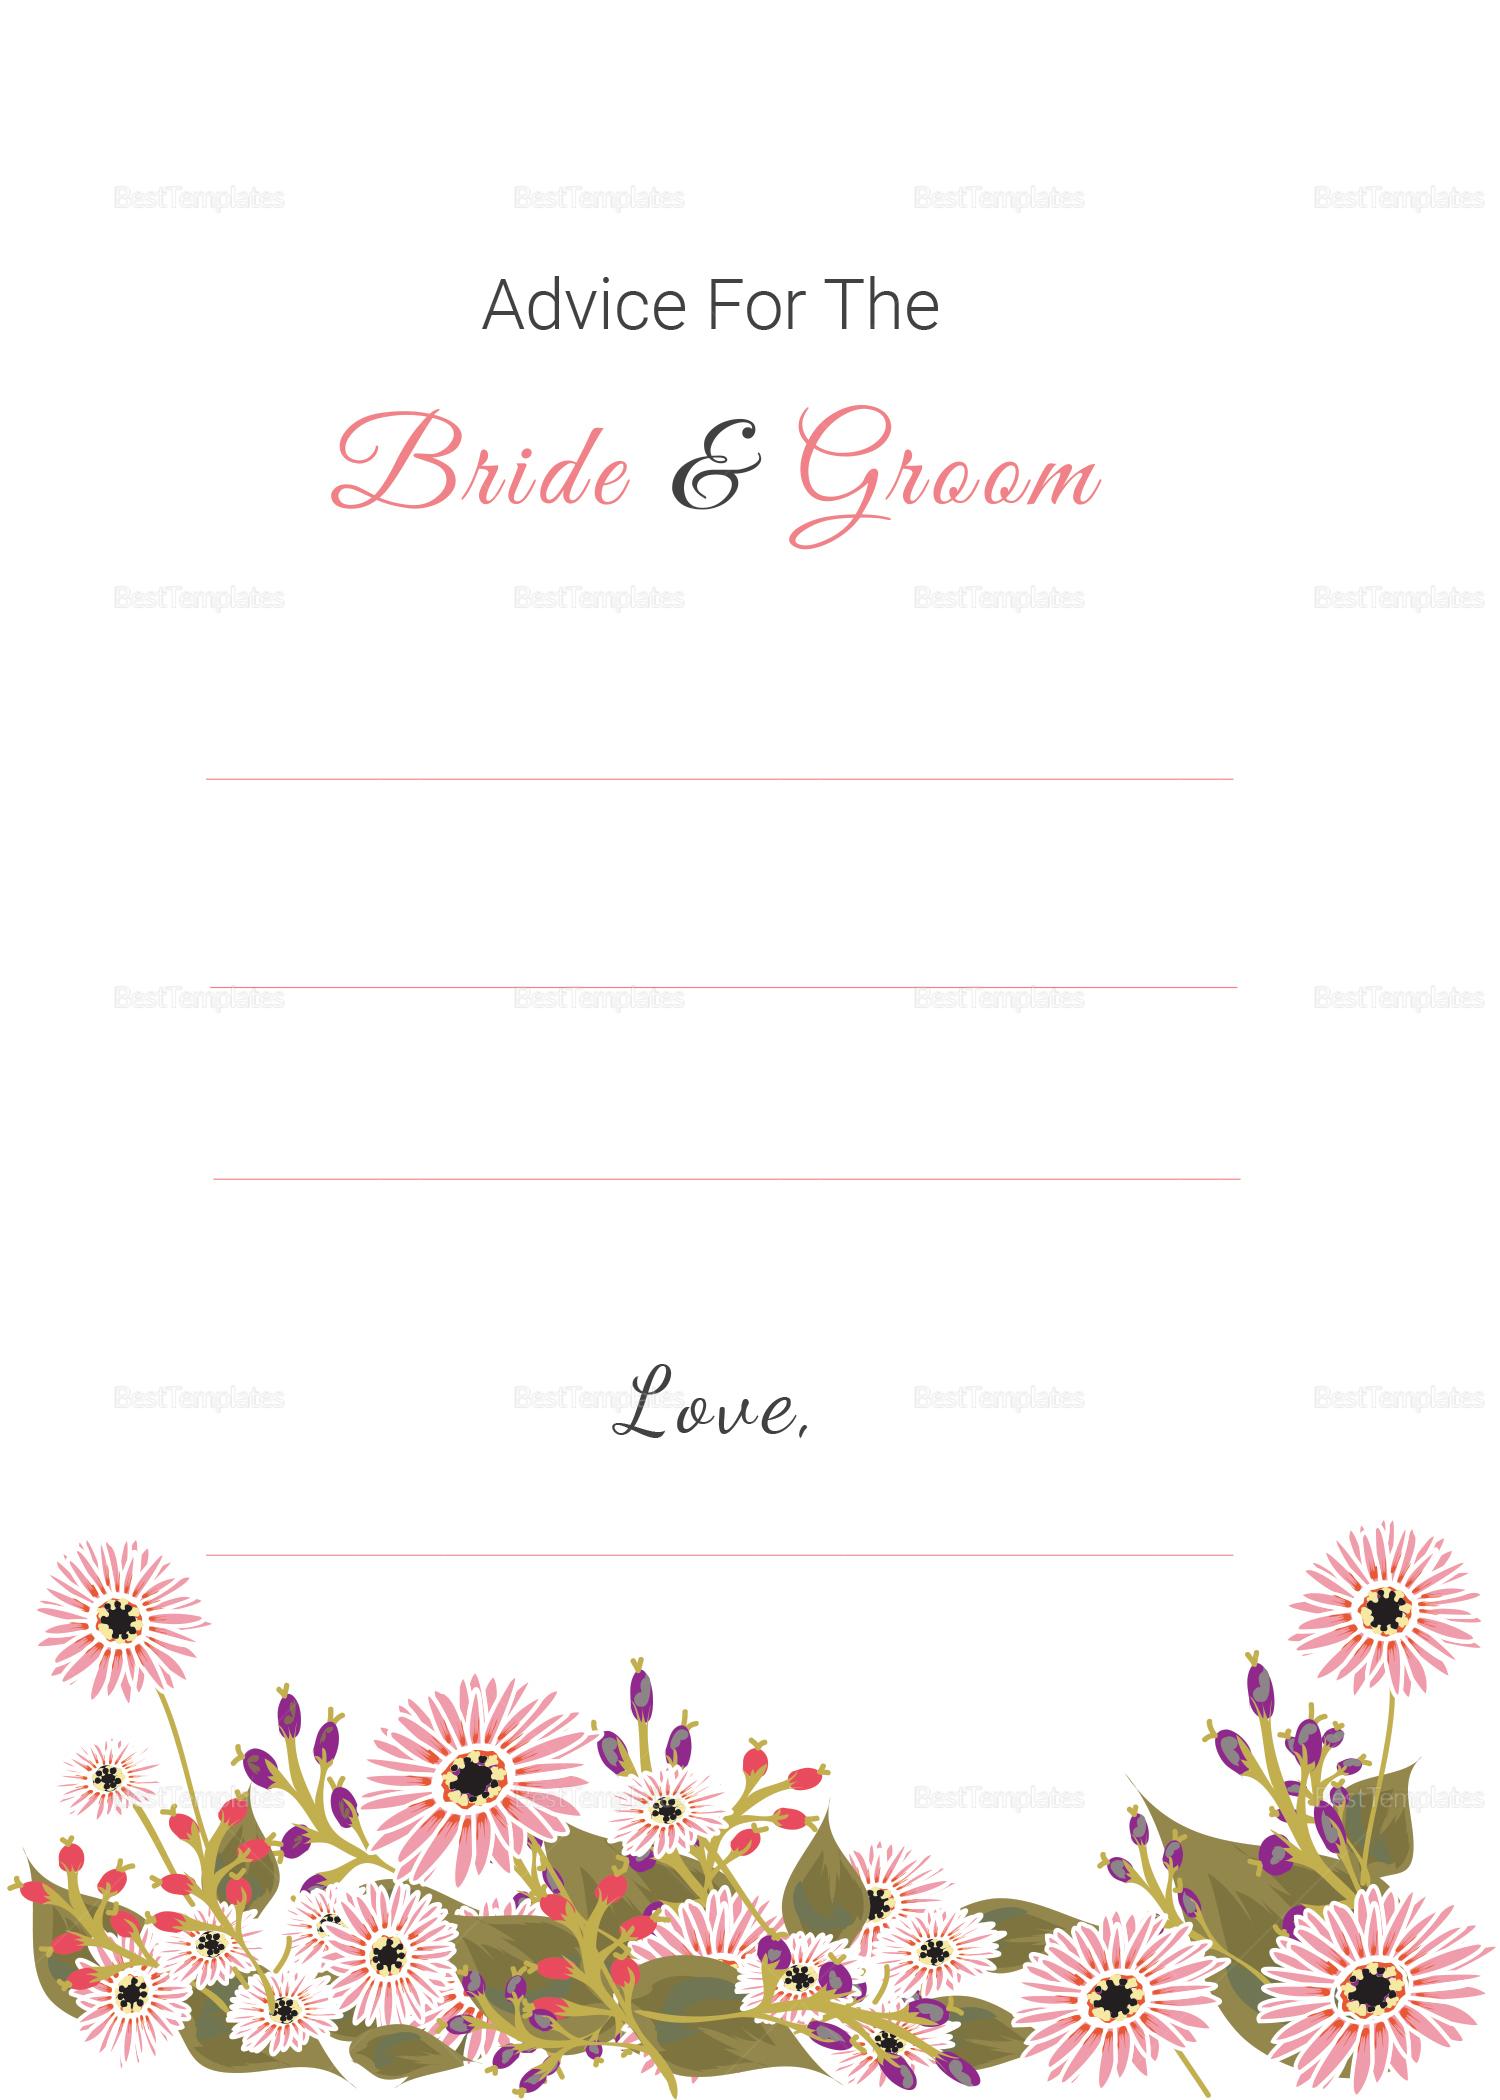 Wedding Advice Card Design Template